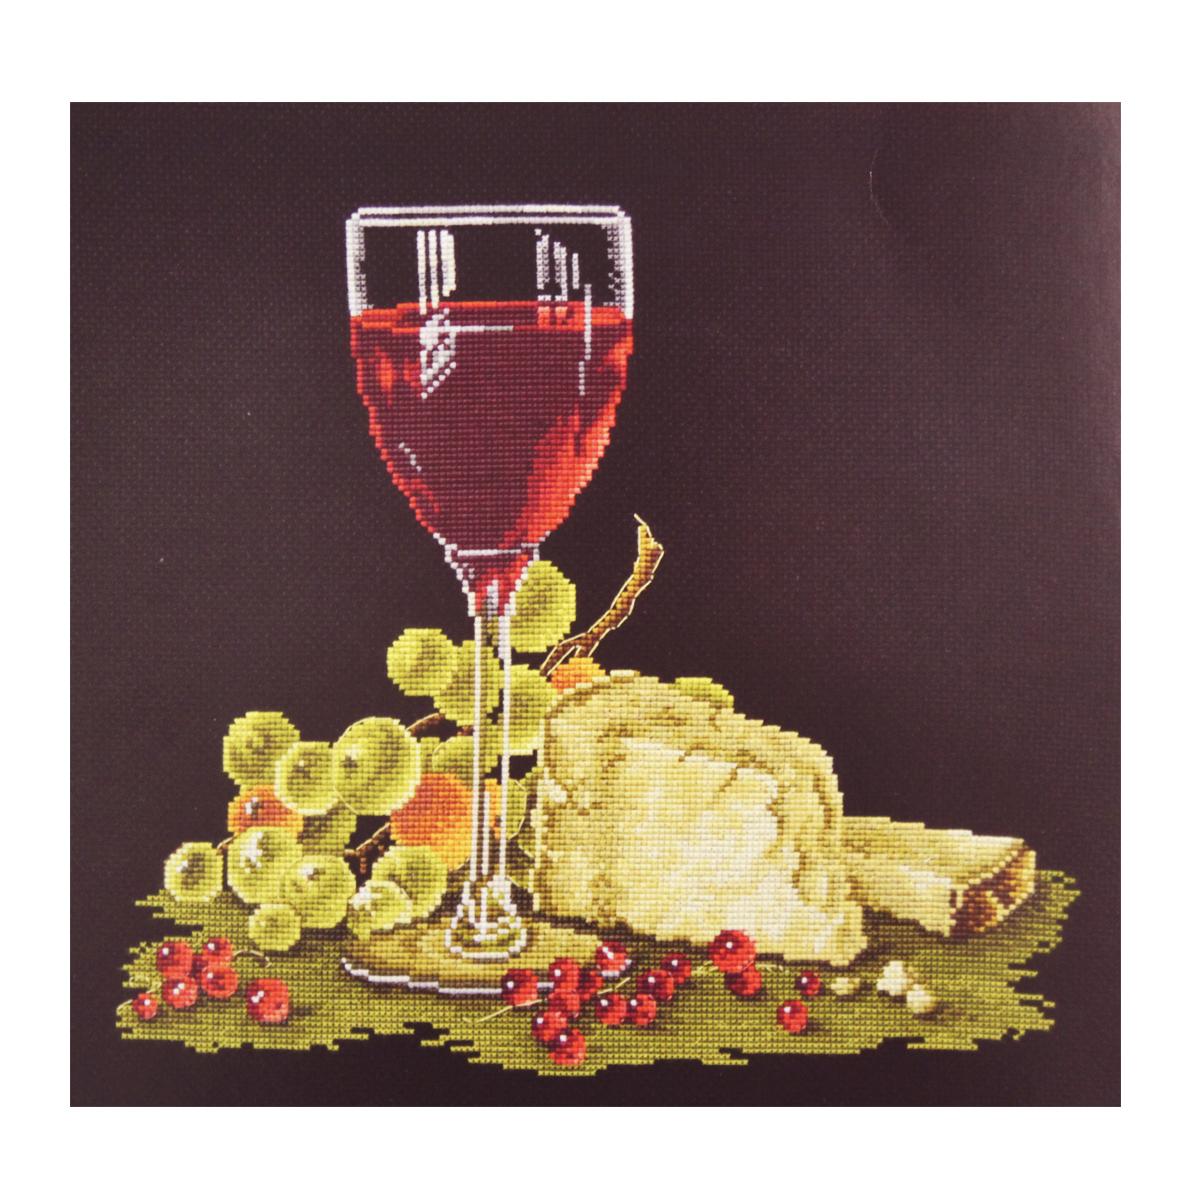 Набор для вышивания крестом Овен Голландский натюрморт, 30 х 28 см набор для вышивания крестом овен весна 21 х 23 см